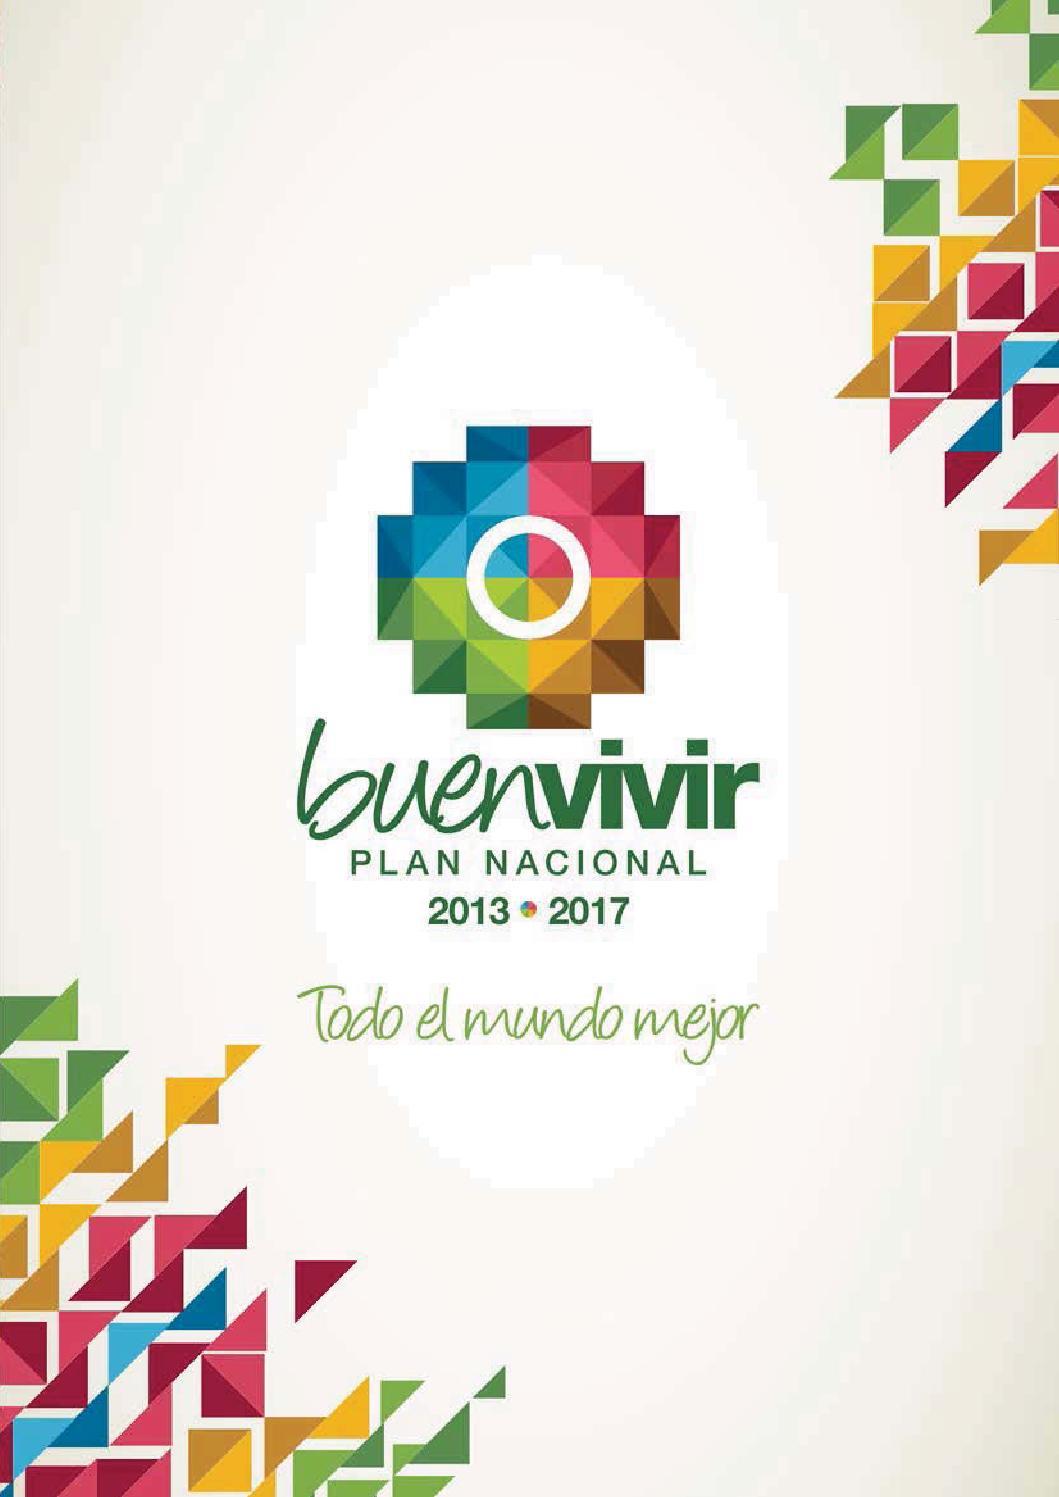 Plan Nacional Para El Buen Vivir 2013 2017 By Plan